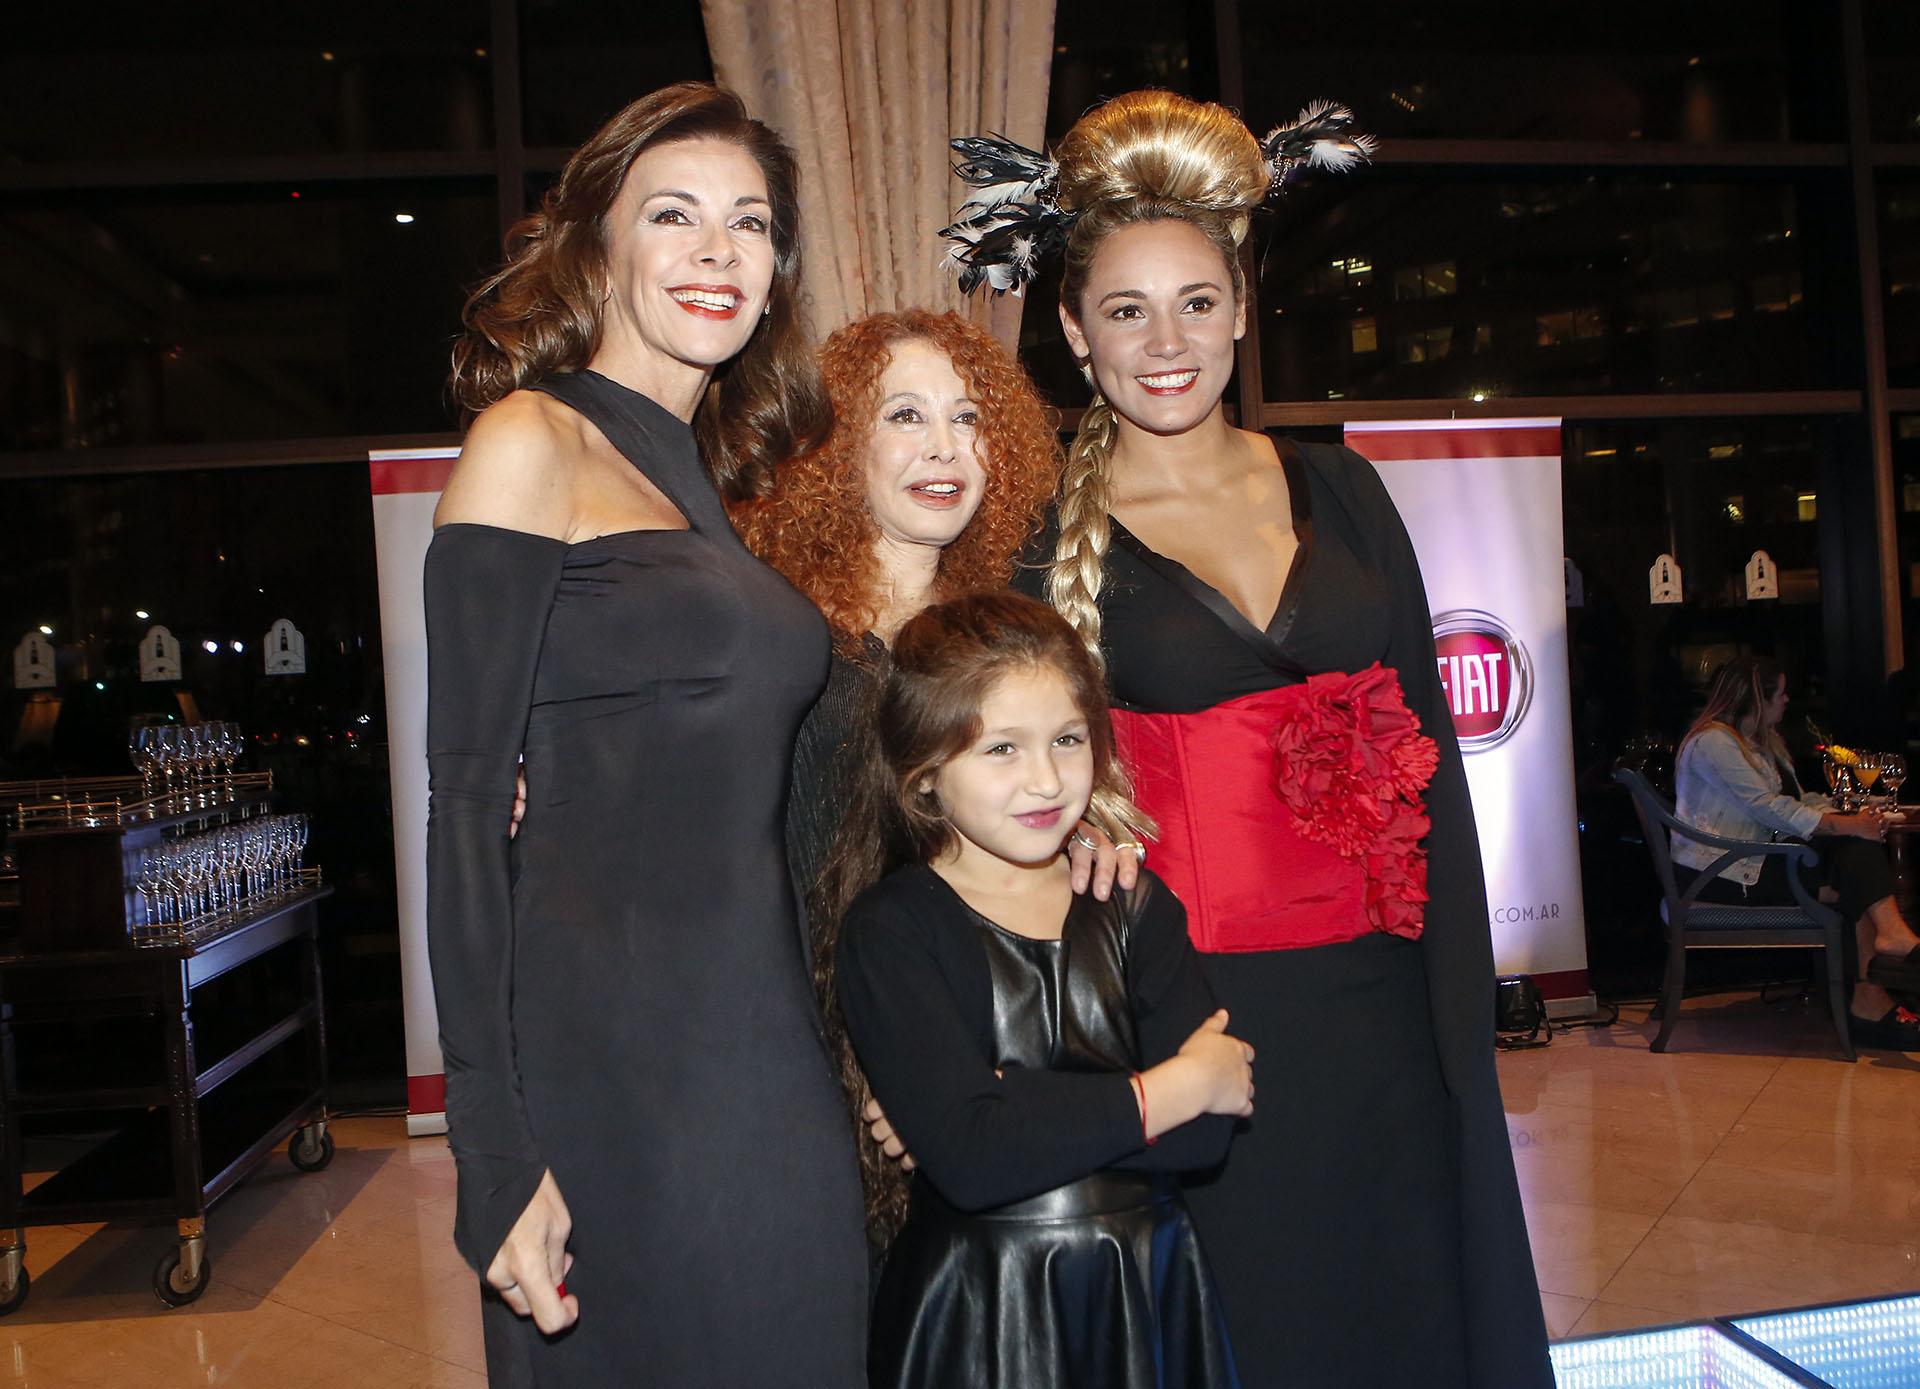 Maureene Dinar y su hija junto a Rocío Oliva y Fabiana Araujo